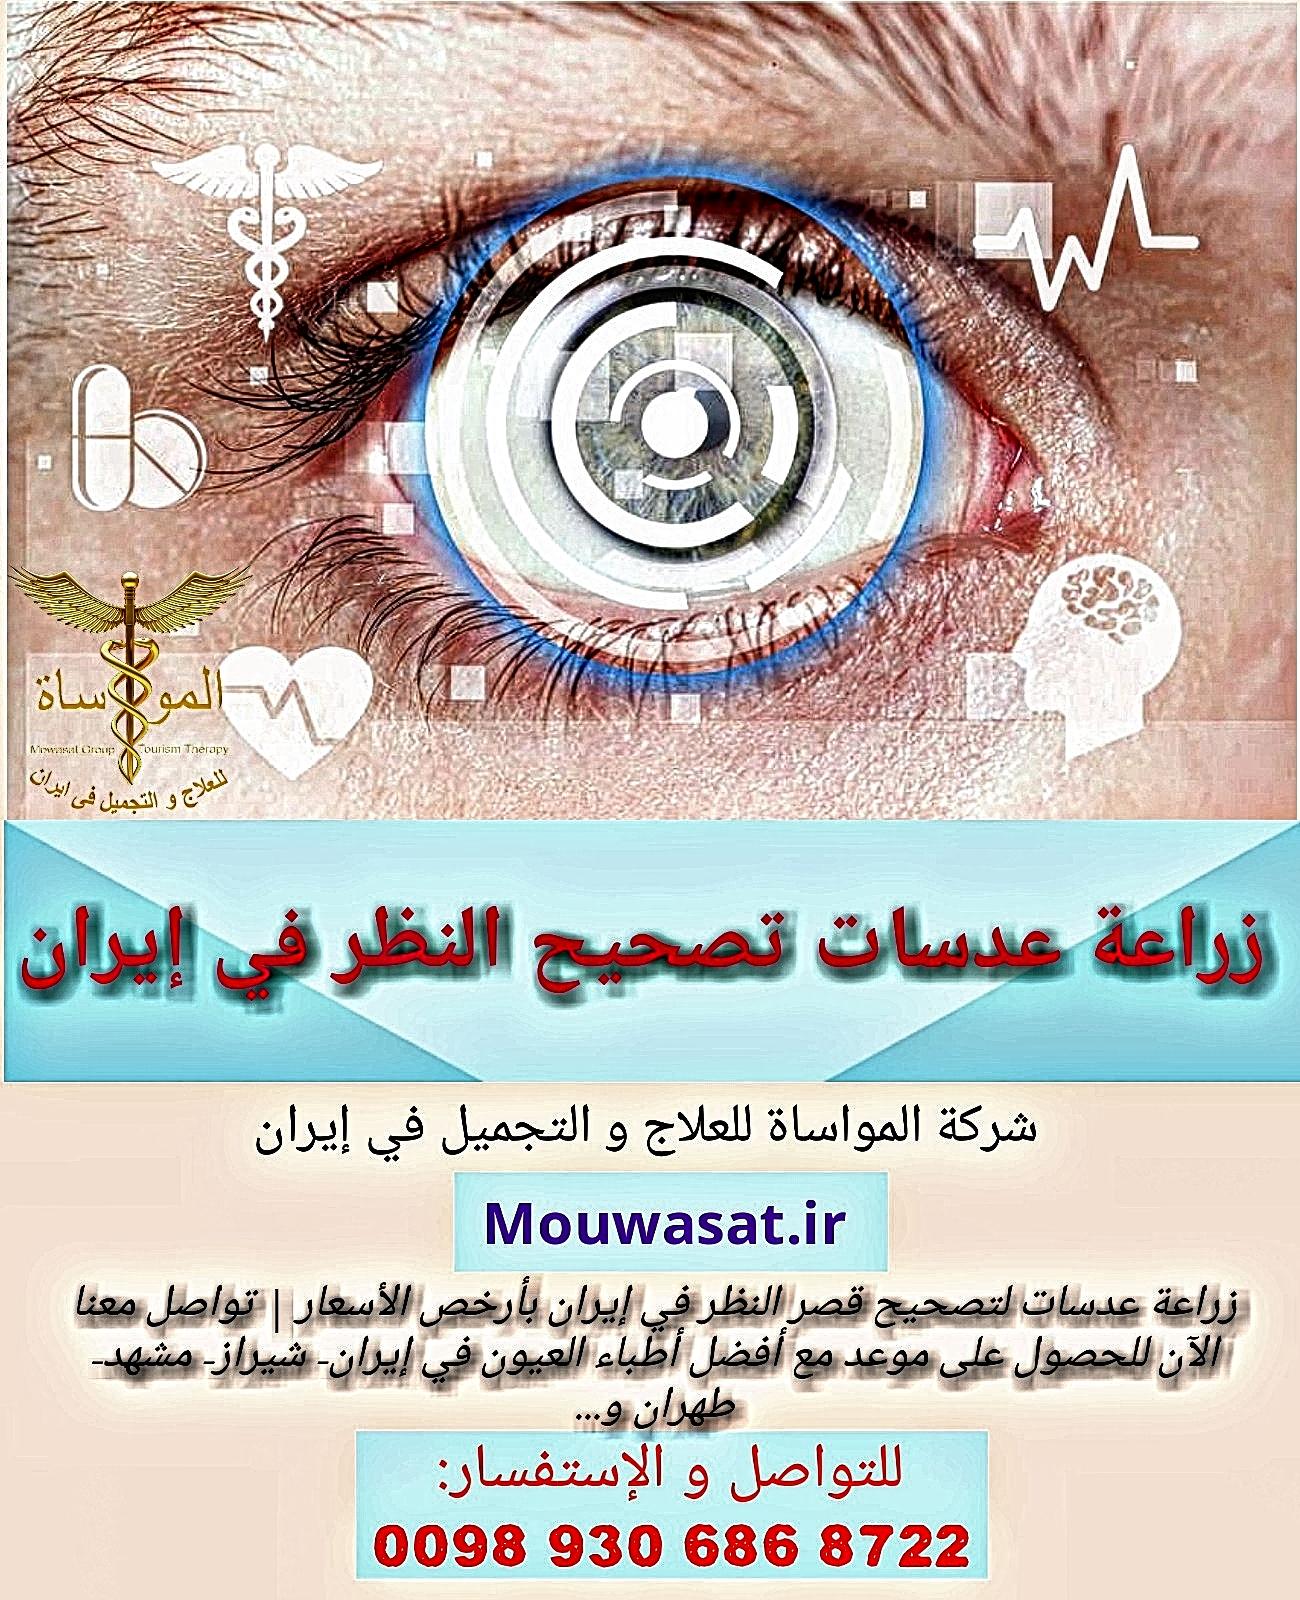 زراعة عدسات داخل العين في إيران ( بدون إزالة العدسات الأصلية )